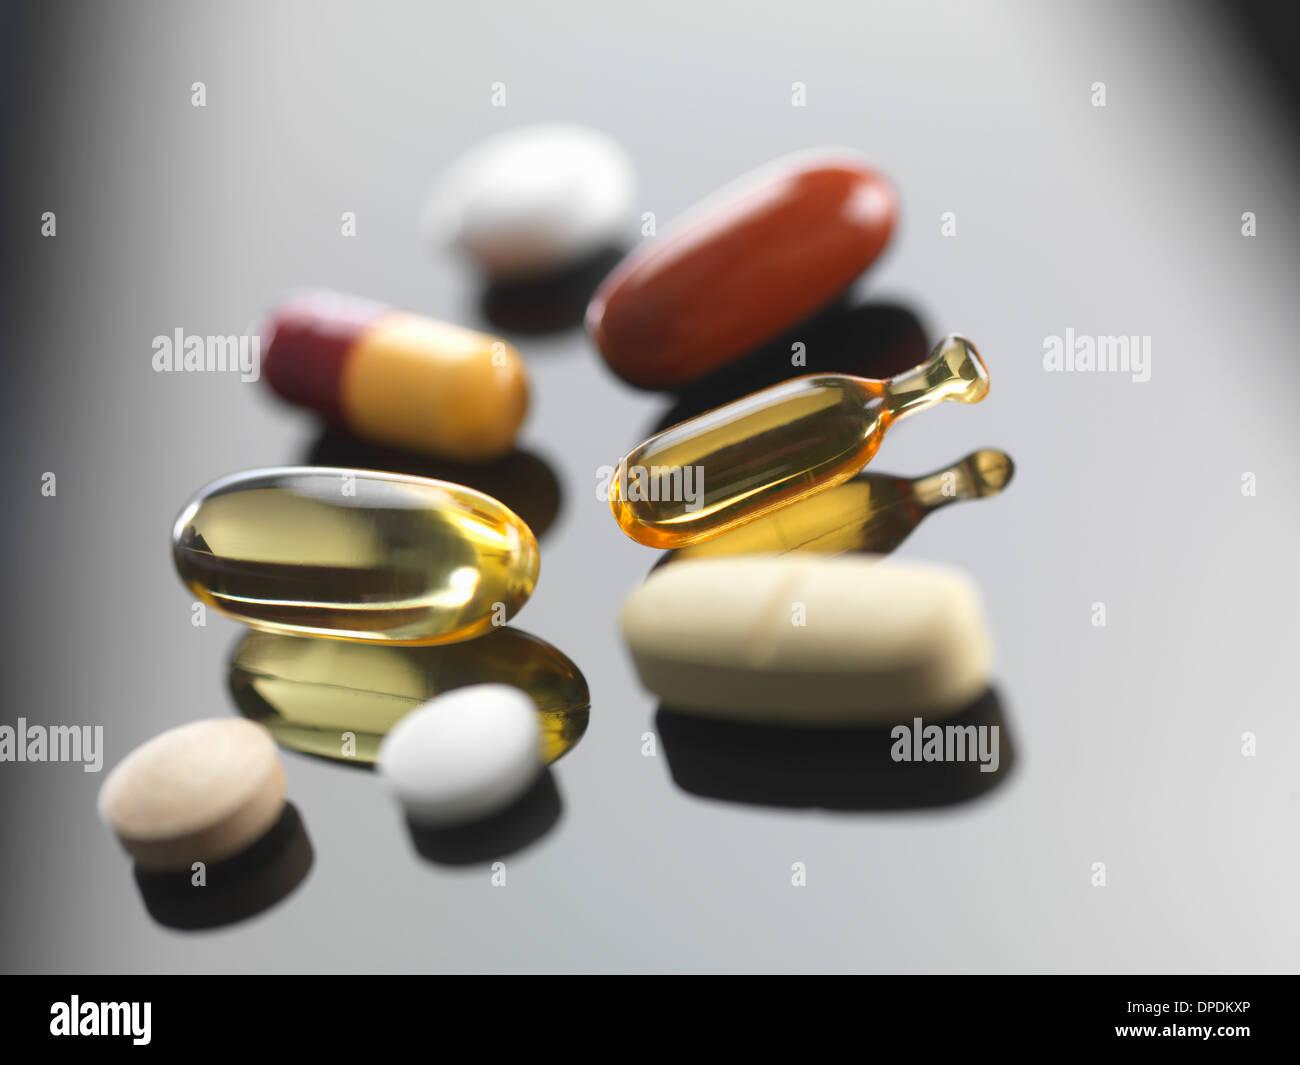 Una selezione di vitamine e integratori a base di erbe Foto Stock